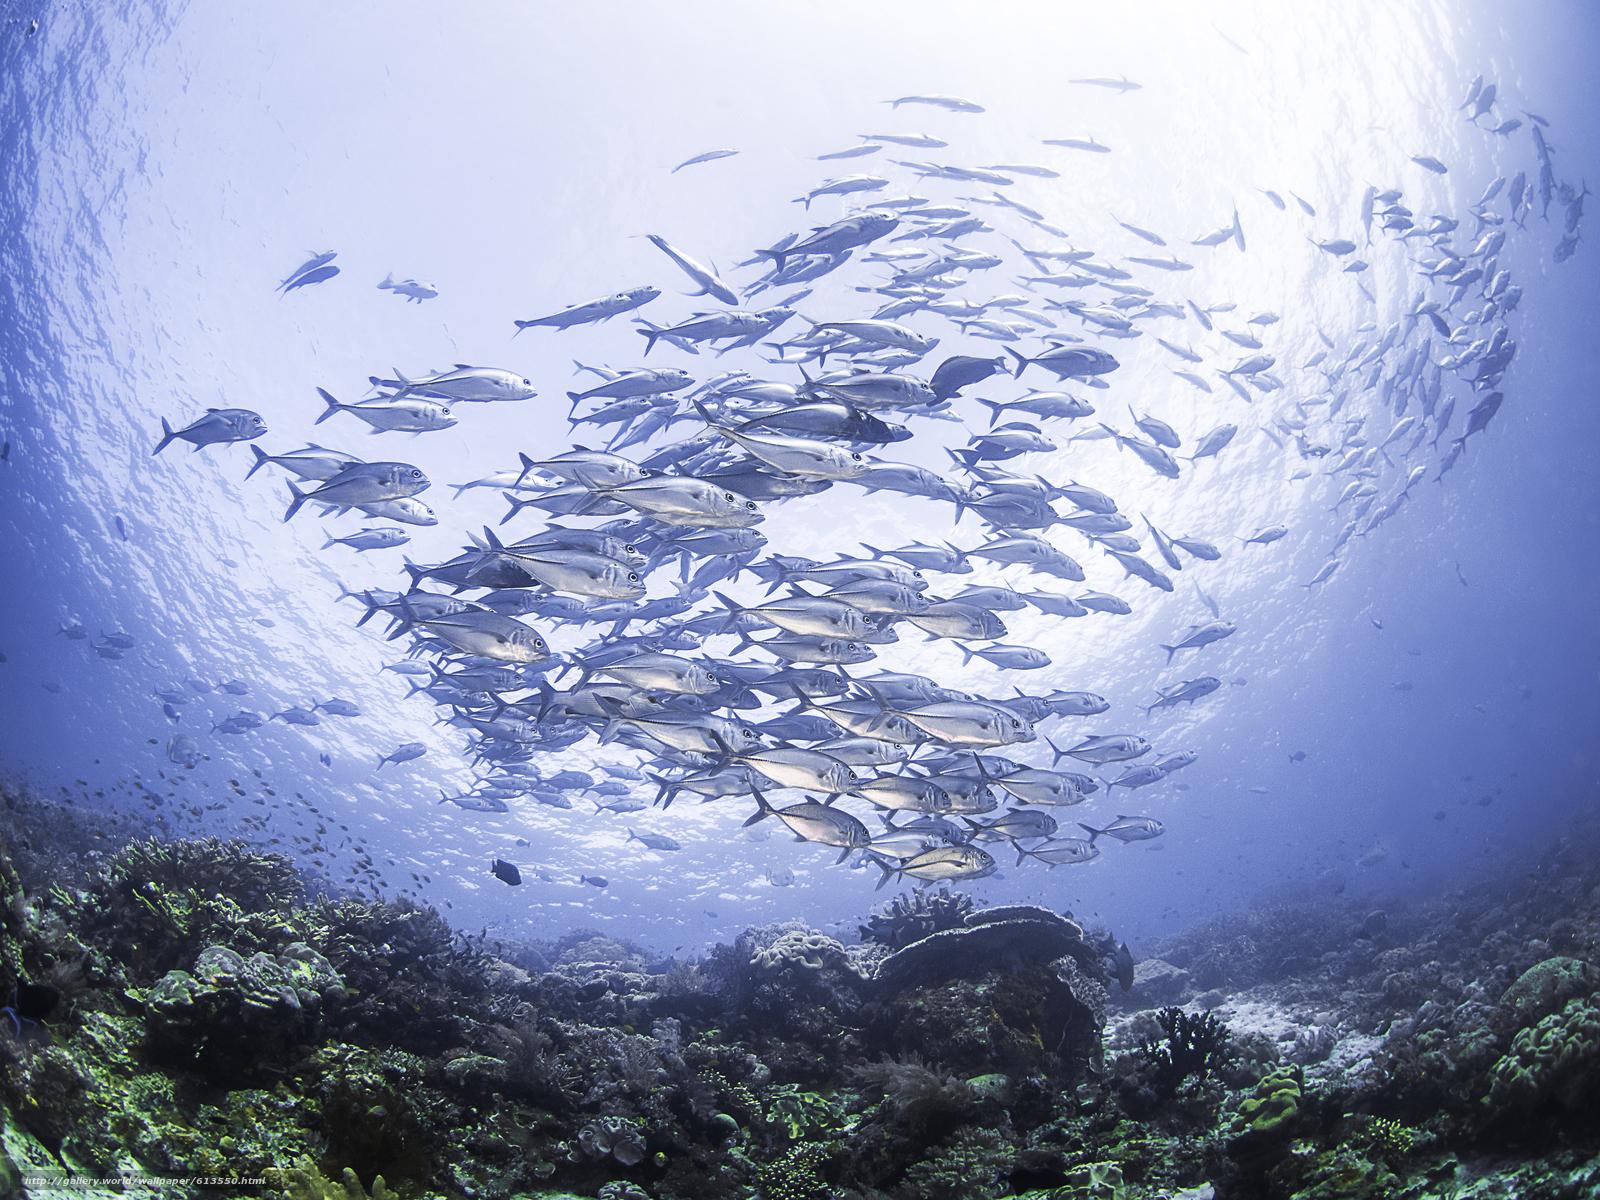 Tlcharger Fond d'ecran mer,  fond de la mer,  Karalli,  école de poisson Fonds d'ecran gratuits pour votre rsolution du bureau 4608x3456 — image №613550